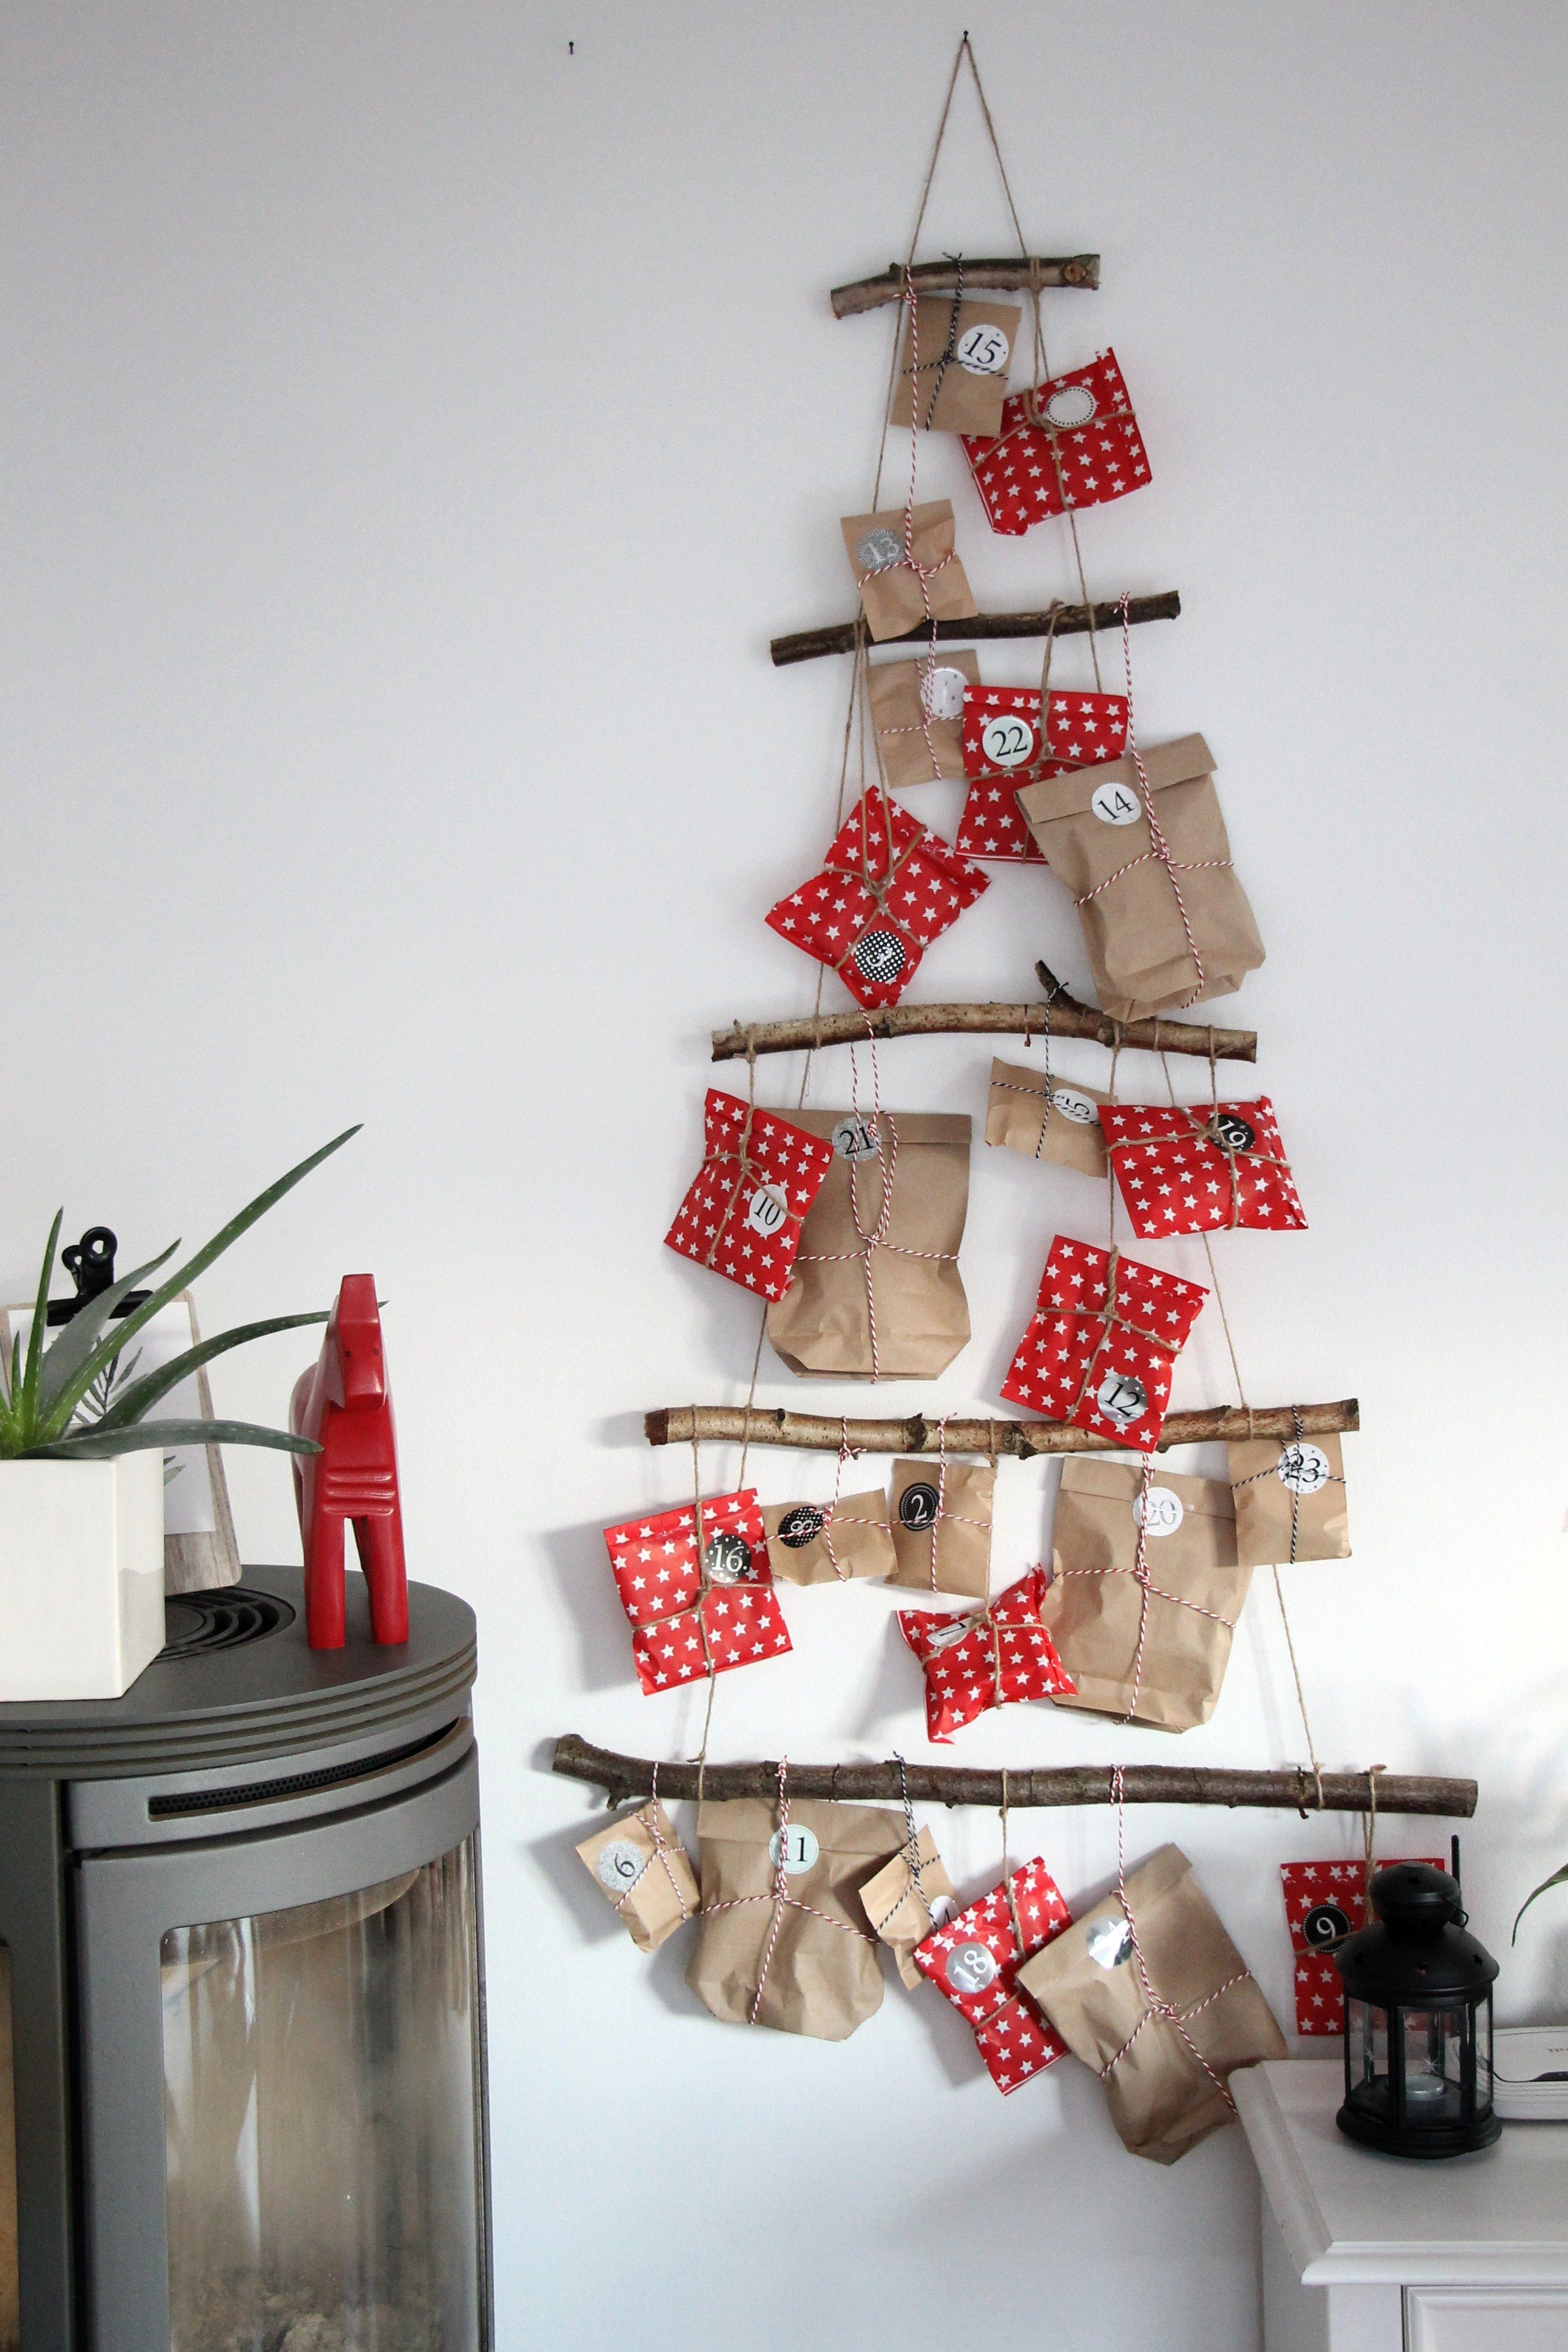 Diy Weihnachtsbaum.Diy Weihnachtsbaum Basteln äste Lavendelblog